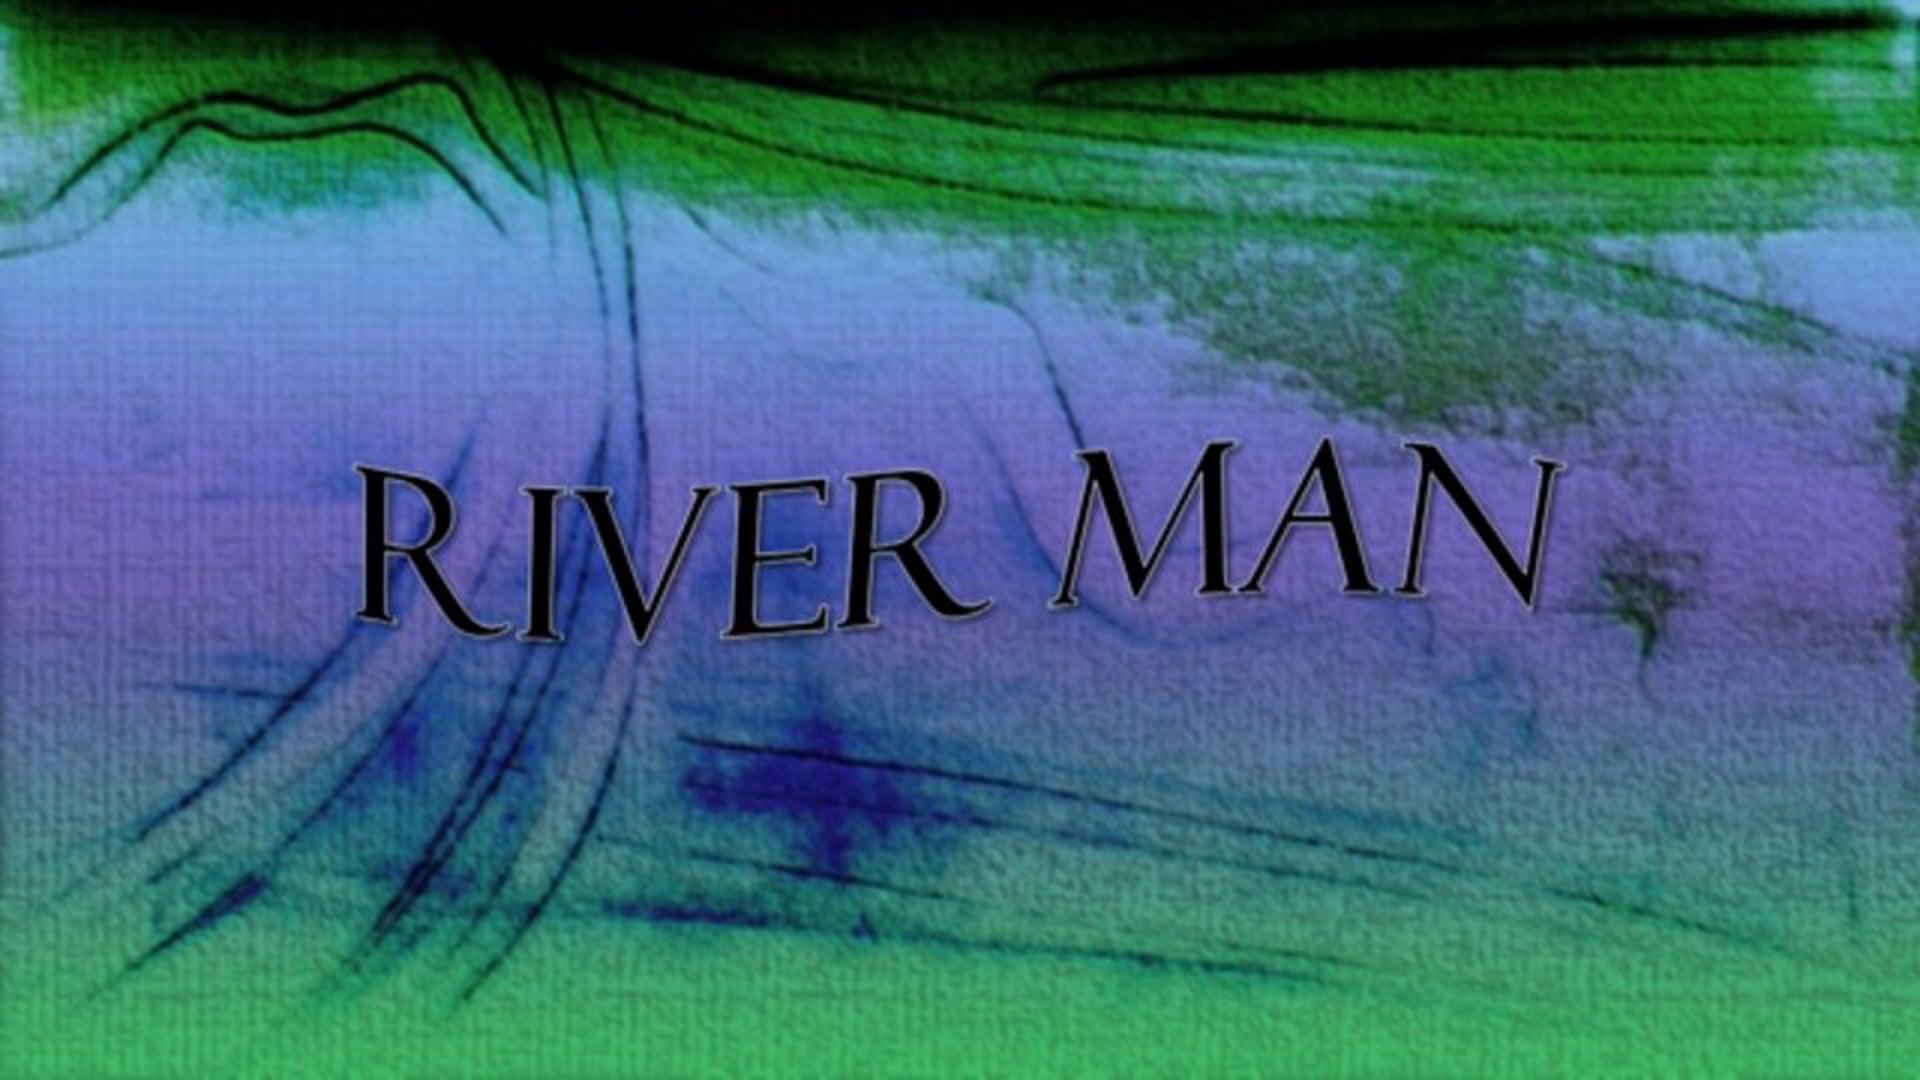 River Man